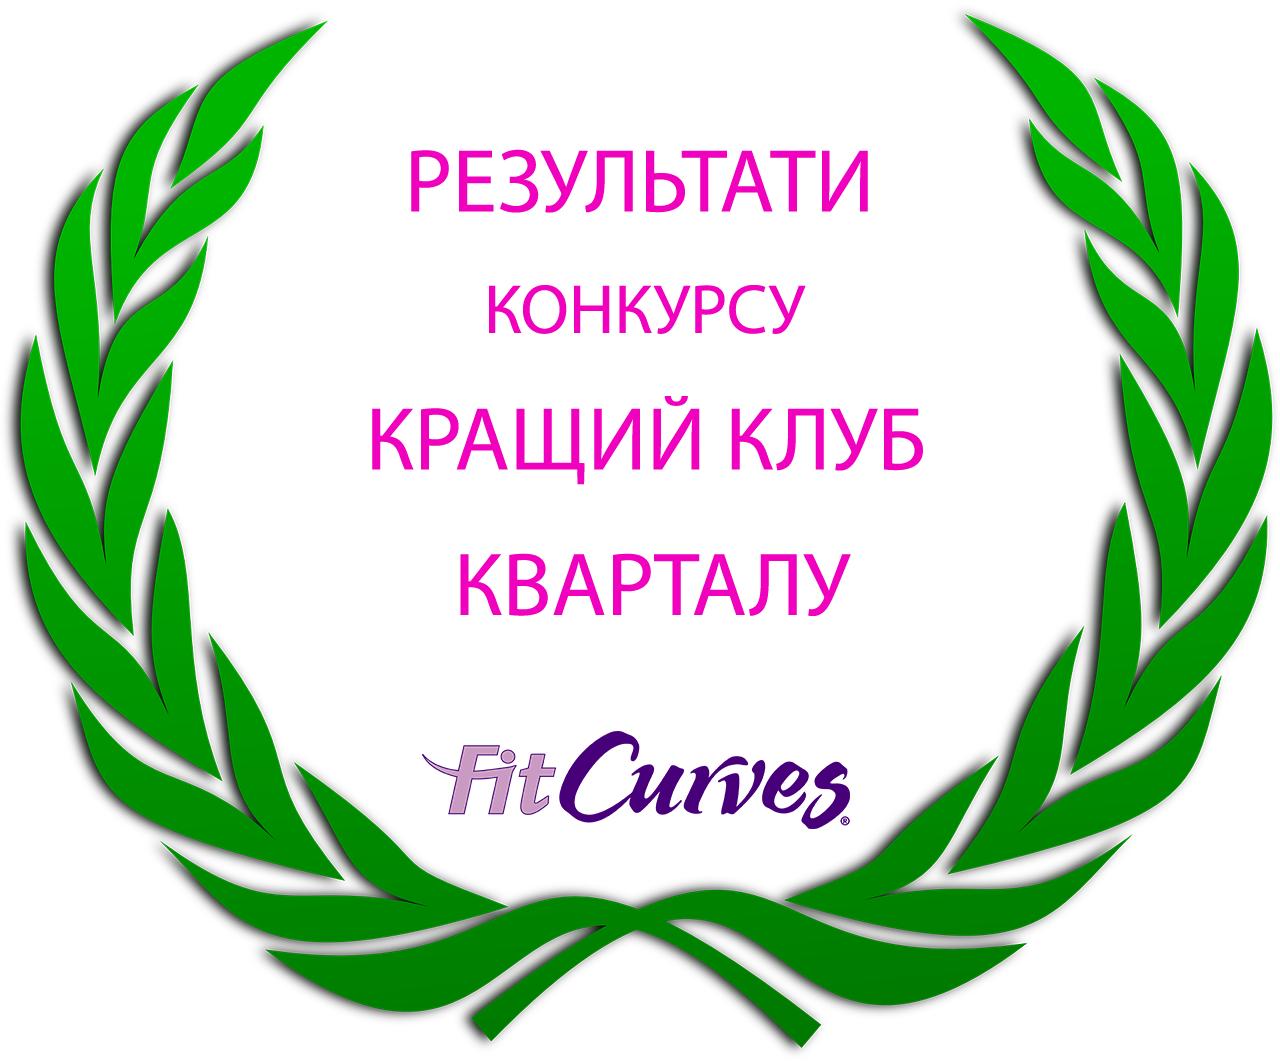 Итоги конкурса на звание Лучшего Клуба Квартала